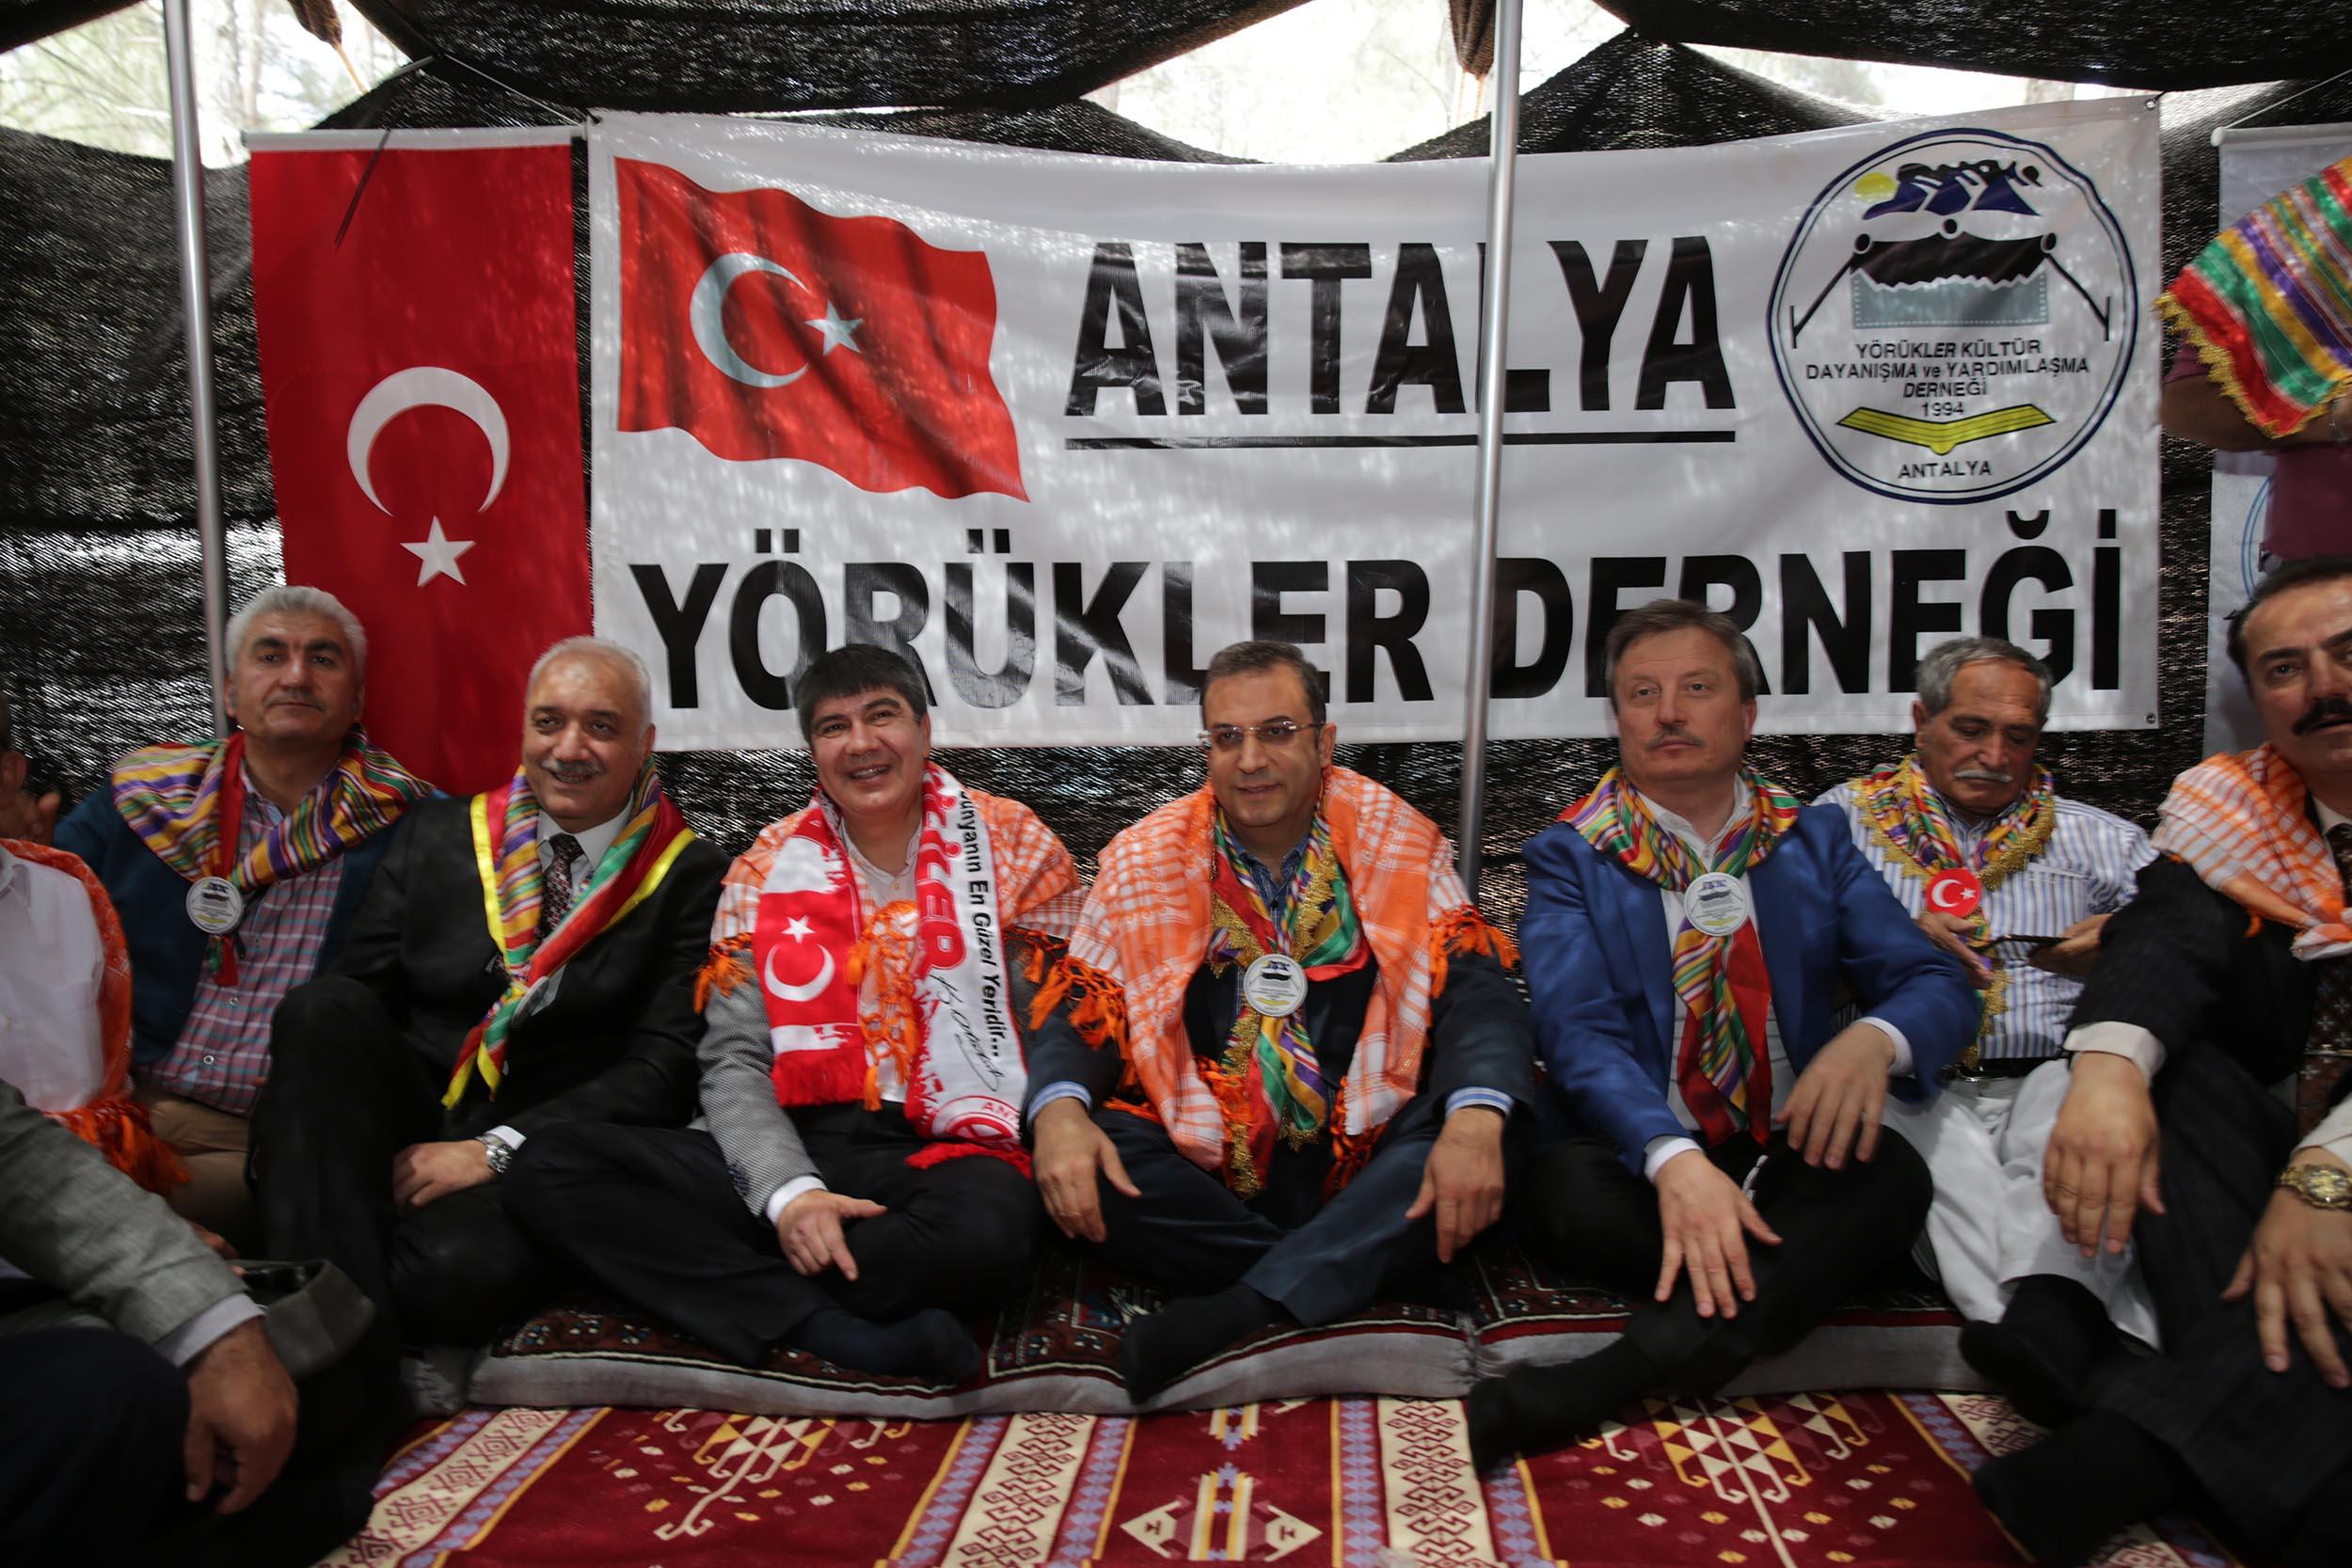 Yörük találkozó Antalyában - Forrás: buyukantalya.com